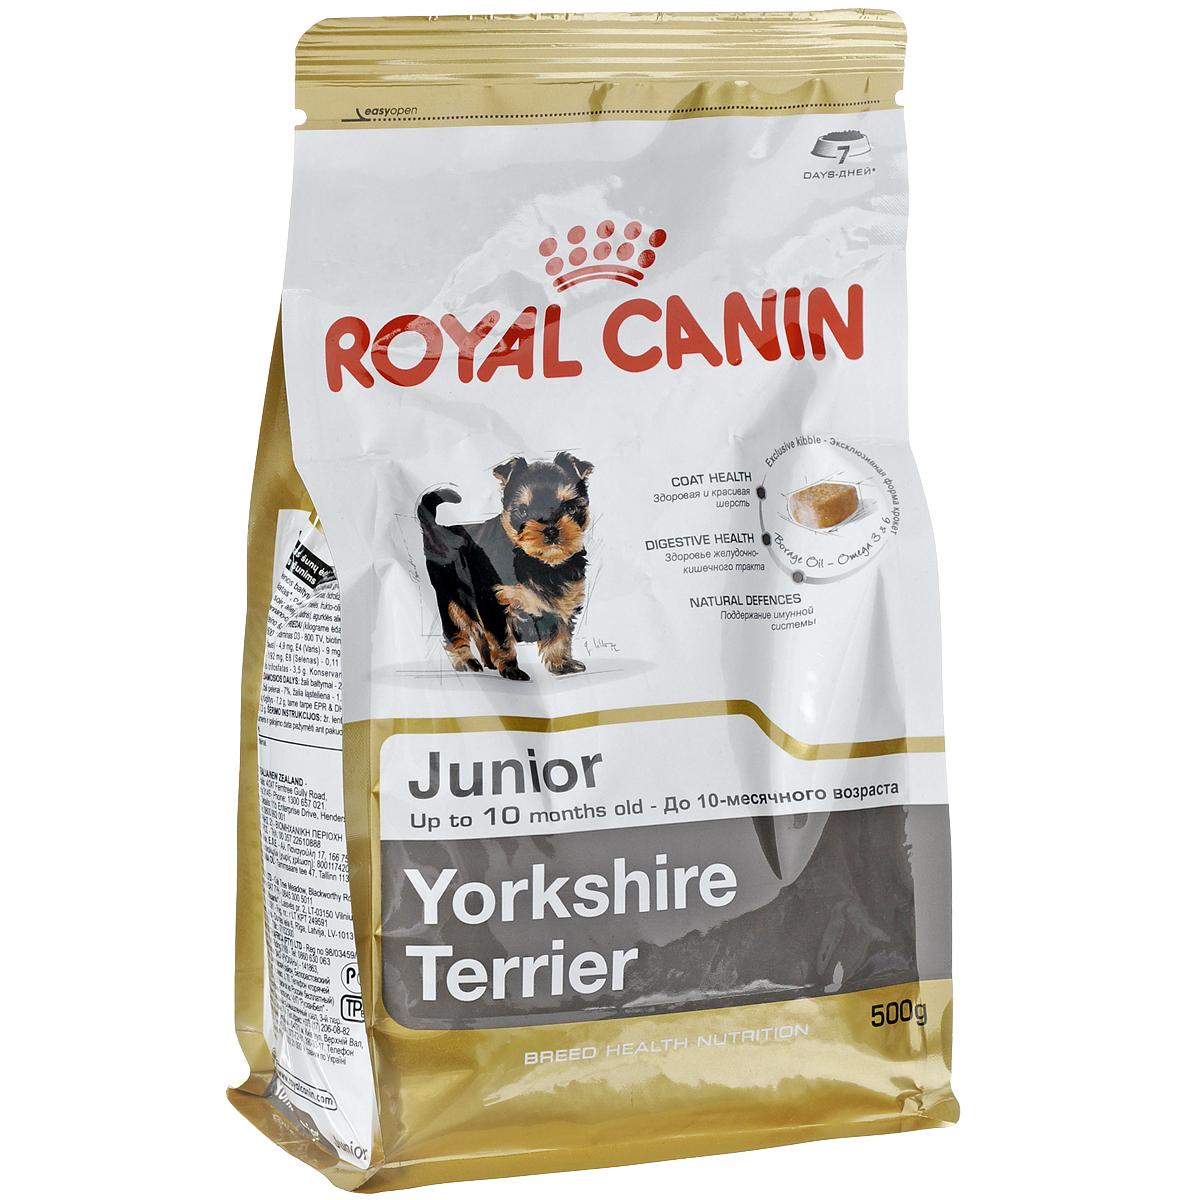 Корм сухой Royal Canin Yorkshire Terrier Junior, для щенков породы йоркширский терьер ввозрасте до 10 месяцев, 1,5 кг40436Сухой корм Royal Canin Yorkshire Terrier Junior - это полнорационный корм для щенков породы йоркширский терьер в возрасте до 10месяцев. Здоровая шерсть. Эксклюзивная формула поддерживает здоровье и красоту шерсти йоркширского терьера. Кормобогащен жирными кислотами Омега-3 (EPA и DHA) и Омега-6, маслом бурачника и биотином. Безопасность пищеварения. Корм обеспечивает оптимальную безопасность пищеварения и поддерживает баланскишечной флоры щенков йоркширского терьера.Надежная естественная защита. Корм позволяет обеспечить естественную защиту организма щенкайоркширского терьера.Профилактика образования зубного камня.Благодаря хелаторам кальция и специально подобранной текстуре крокет, которая оказывает чистящее воздействие, корм помогает ограничить образование зубного камня у щенков породы йоркширский терьер.Состав: дегидратированные белки животного происхождения (птица), изолят растительных белков, рис,животные жиры, кукурузная мука, свекольный жом, гидролизат белков животного происхождения, минеральныевещества, соевое масло, рыбий жир, фруктоолигосахариды, дрожжи, гидролизат дрожжей (источник маннановыхолигосахаридов), масло огуречника аптечного (0,1%), экстракт бархатцев прямостоячих (источник лютеина). Добавки (в 1 кг): Питательные добавки: витамин A: 29500 МЕ, витамин D3: 800 МЕ, Биотин: 3,07 мг, E1 (железо): 49 мг,E2 (йод): 4,9 мг, E5 (марганец): 64 мг, E6 (цинк): 192 мг, E8 (селен): 0,11 мг. Технологические добавки: триполифосфатнатрия: 3,5 г, консервант: сорбат калия, антиокислители: пропилгаллат, БГА. Содержание питательных веществ: Белки 29%, жиры 20%, минеральные вещества 7%, клетчатка пищевая 1,3%. В 1кг: жирные кислоты Омега 3: 7,2 г, в том числе жирные кислоты EPA и DNA: 3 г, жирные кислоты Омега 6: 37,2 г, медь:15 мг.Товар сертифицирован.